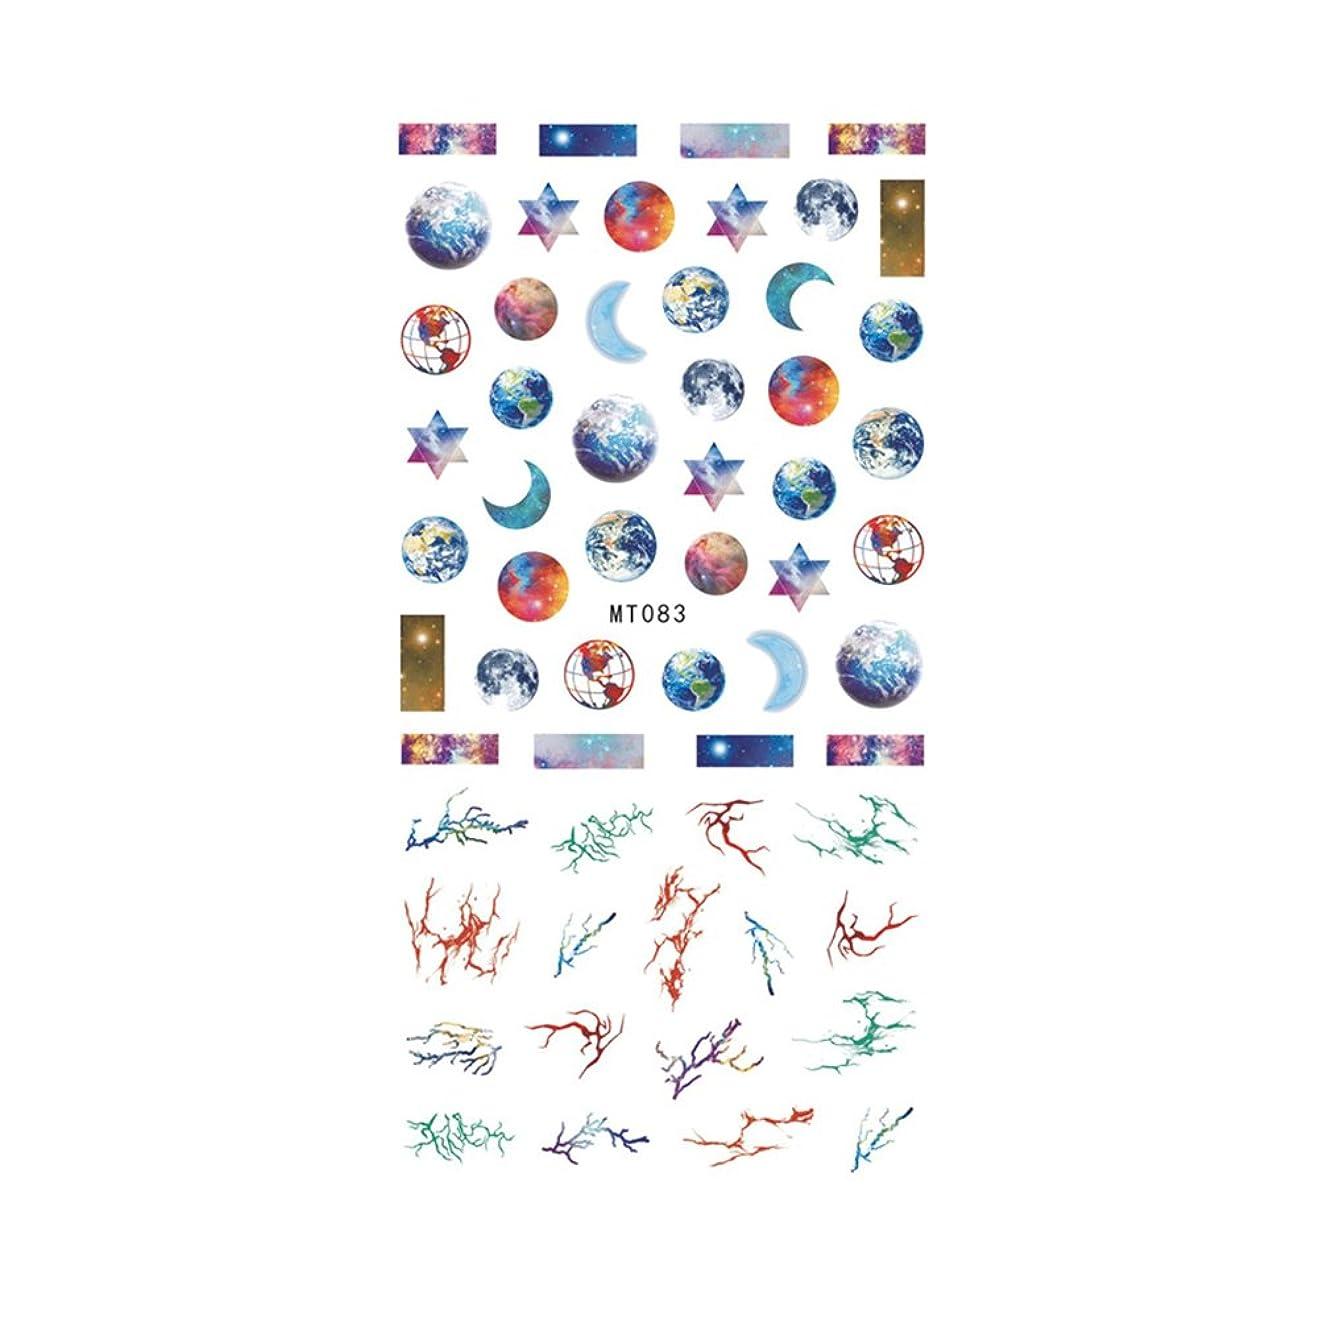 流出プログラム有名人【MT083】ギャラクシーネイルシール ネイルアート 地球 宇宙 コズミック アース 大理石